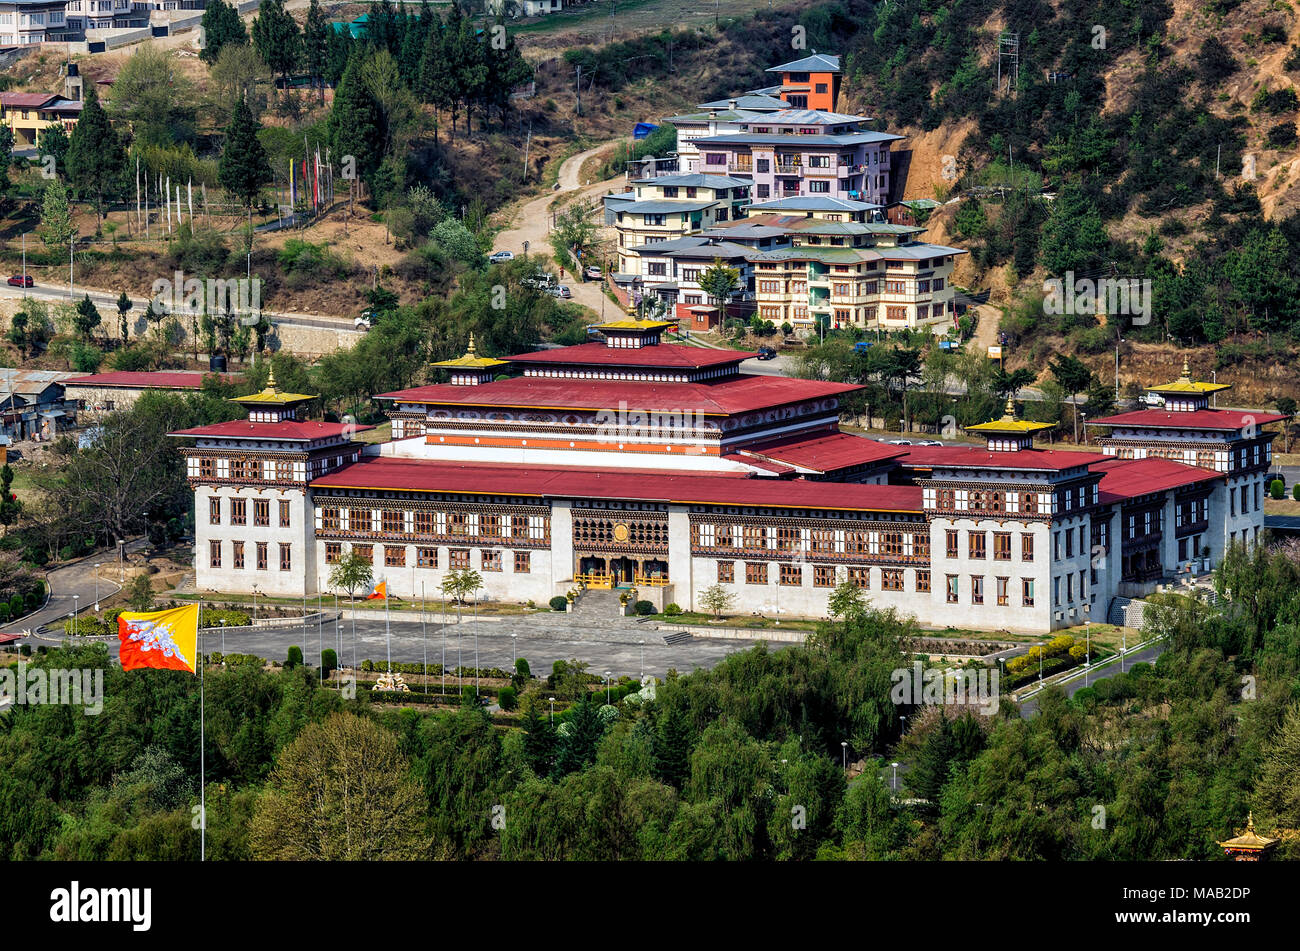 Le nouveau bâtiment du parlement à Thimphu, Bhoutan - arlement du Bhoutan, vu de Trashi Chhoe Dzong, Thimphu Photo Stock